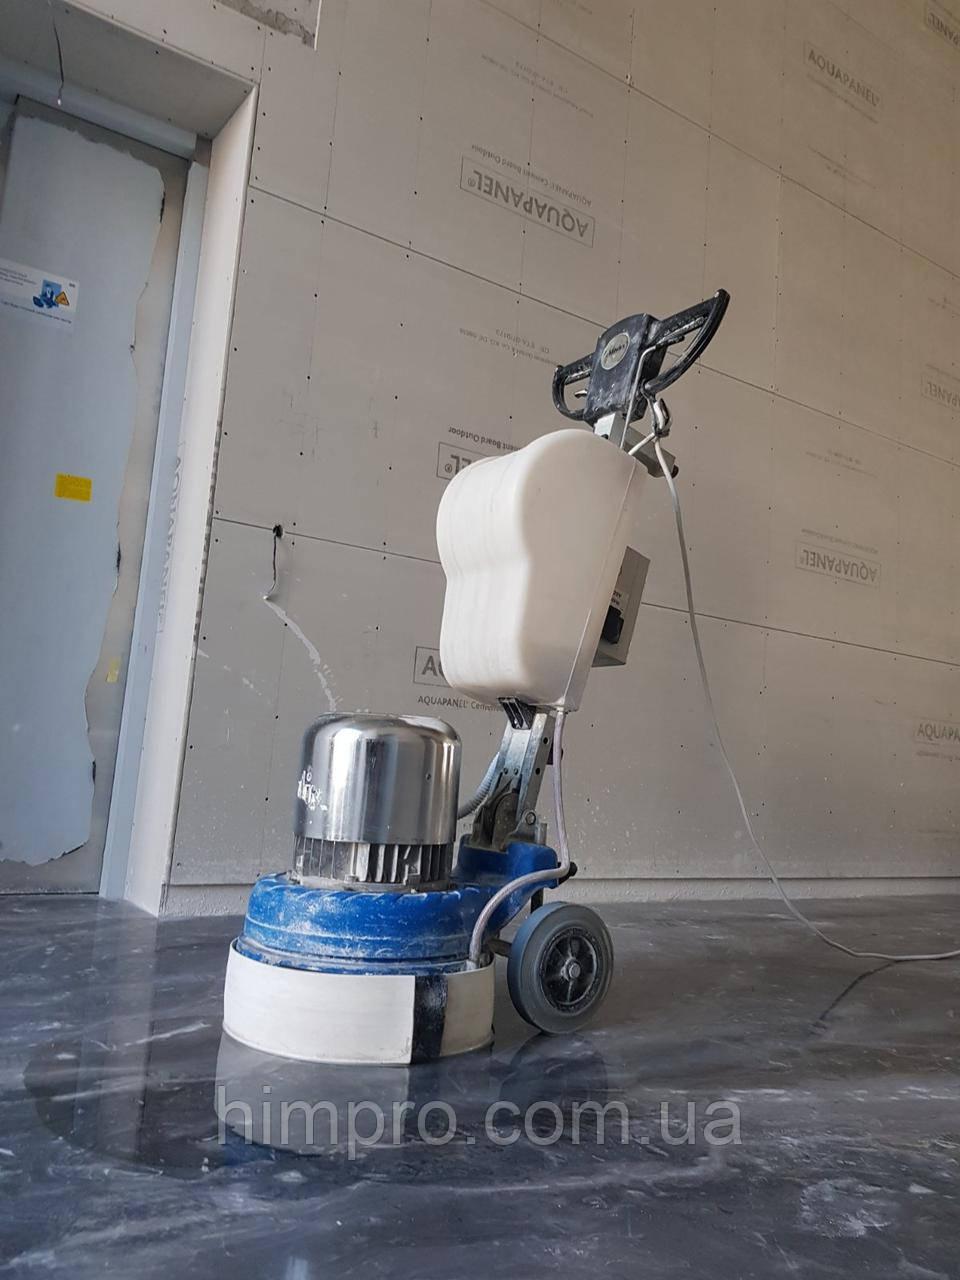 Б/У Klindex Levighetor 600 CPL  - Шлифовальная машина + Бак + Падодержатель